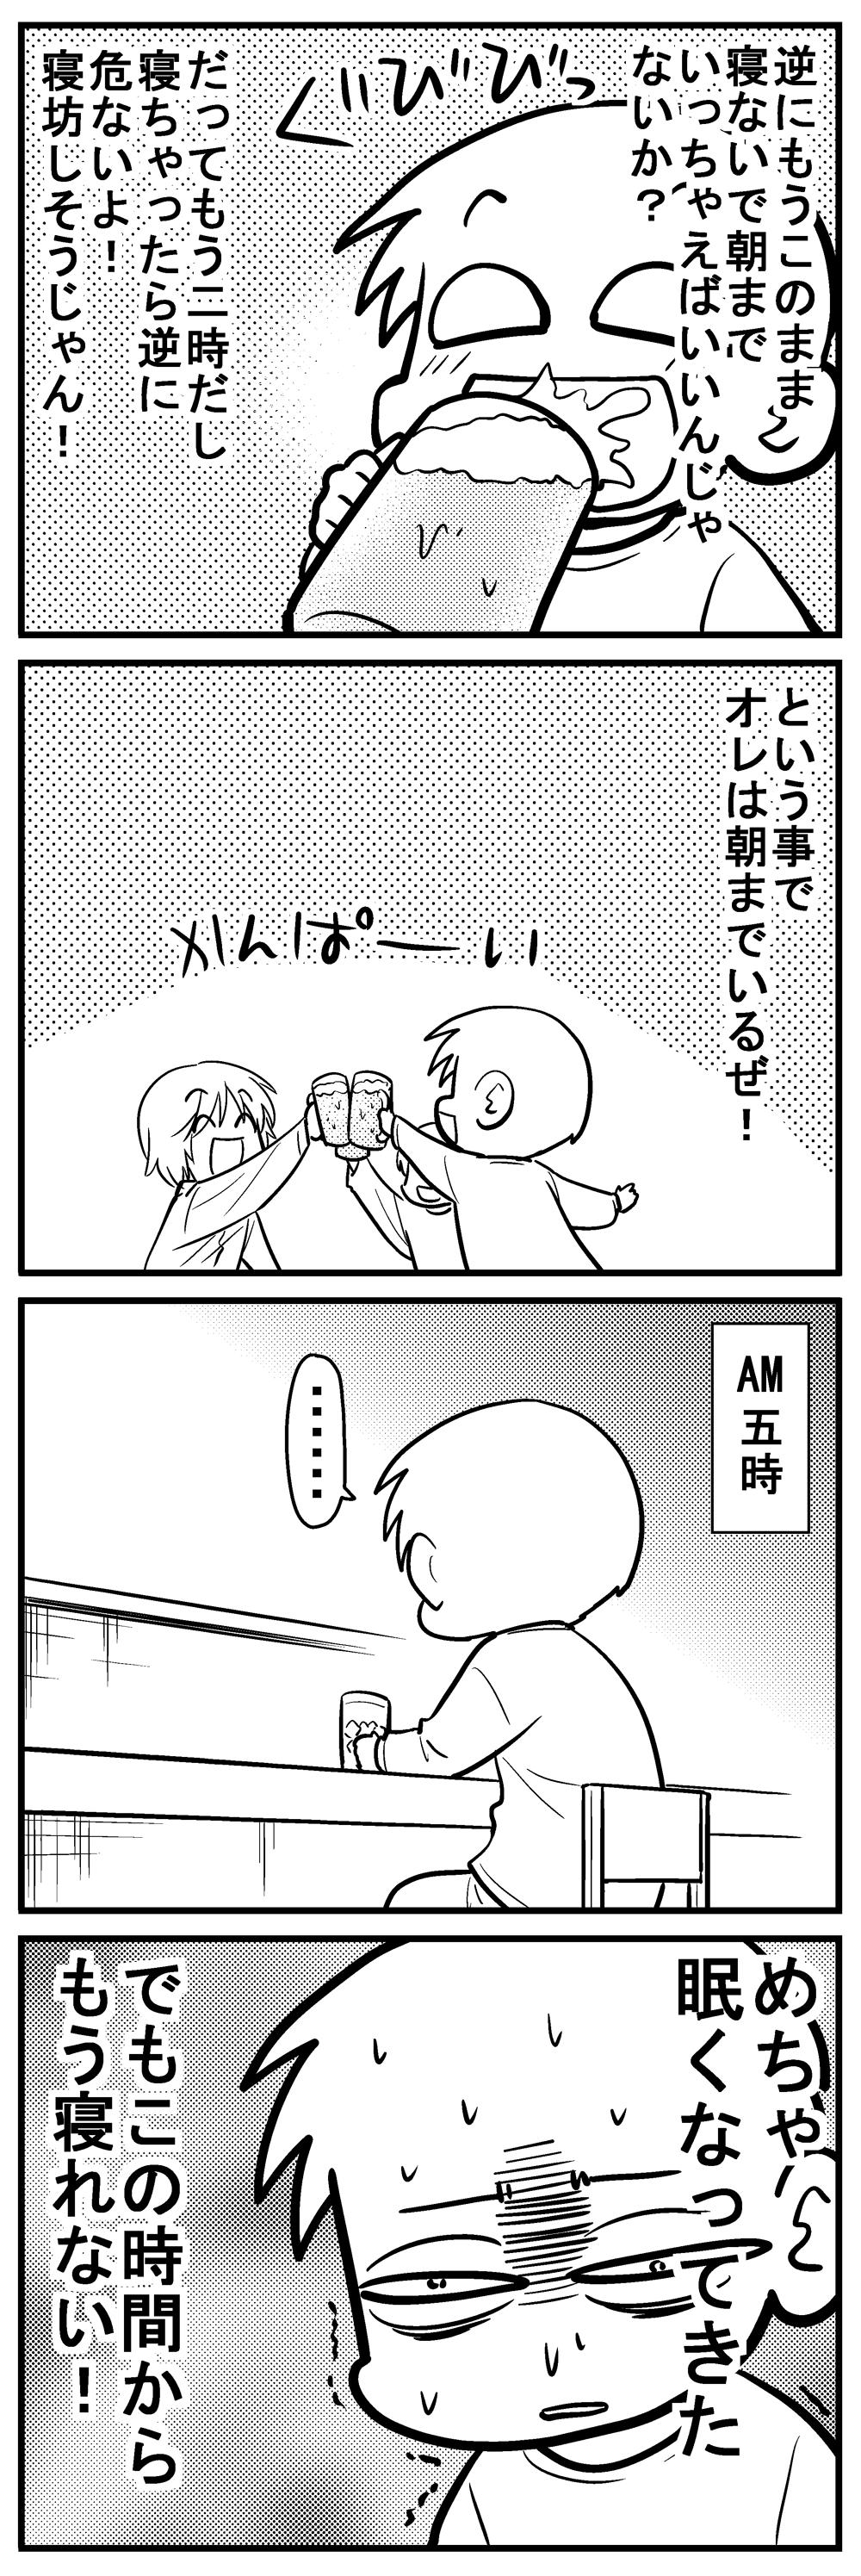 深読みくん120 4